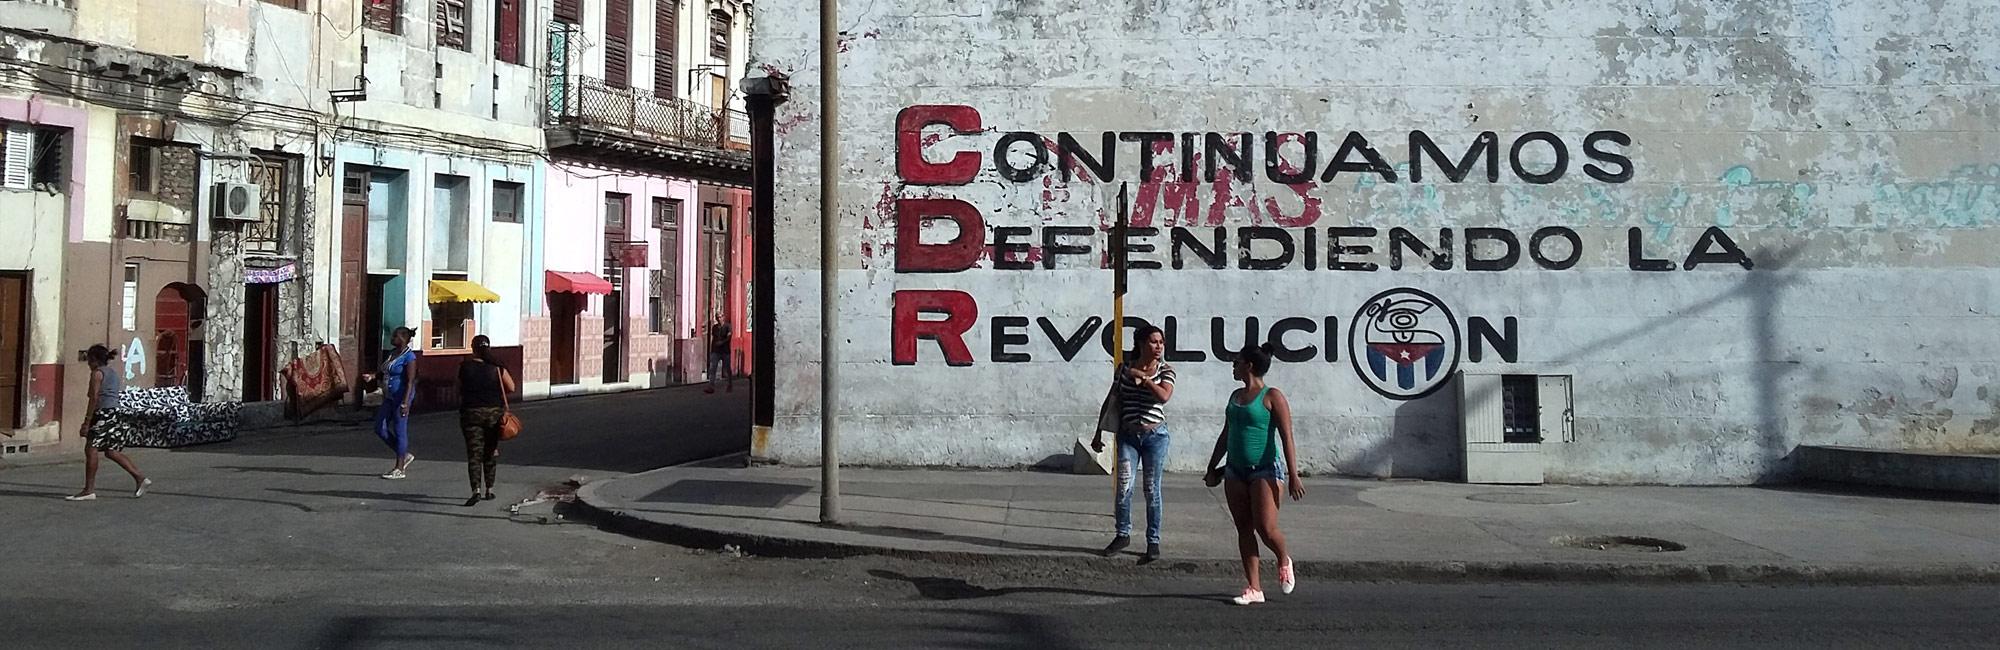 Écoles de langue espagnol Cuba